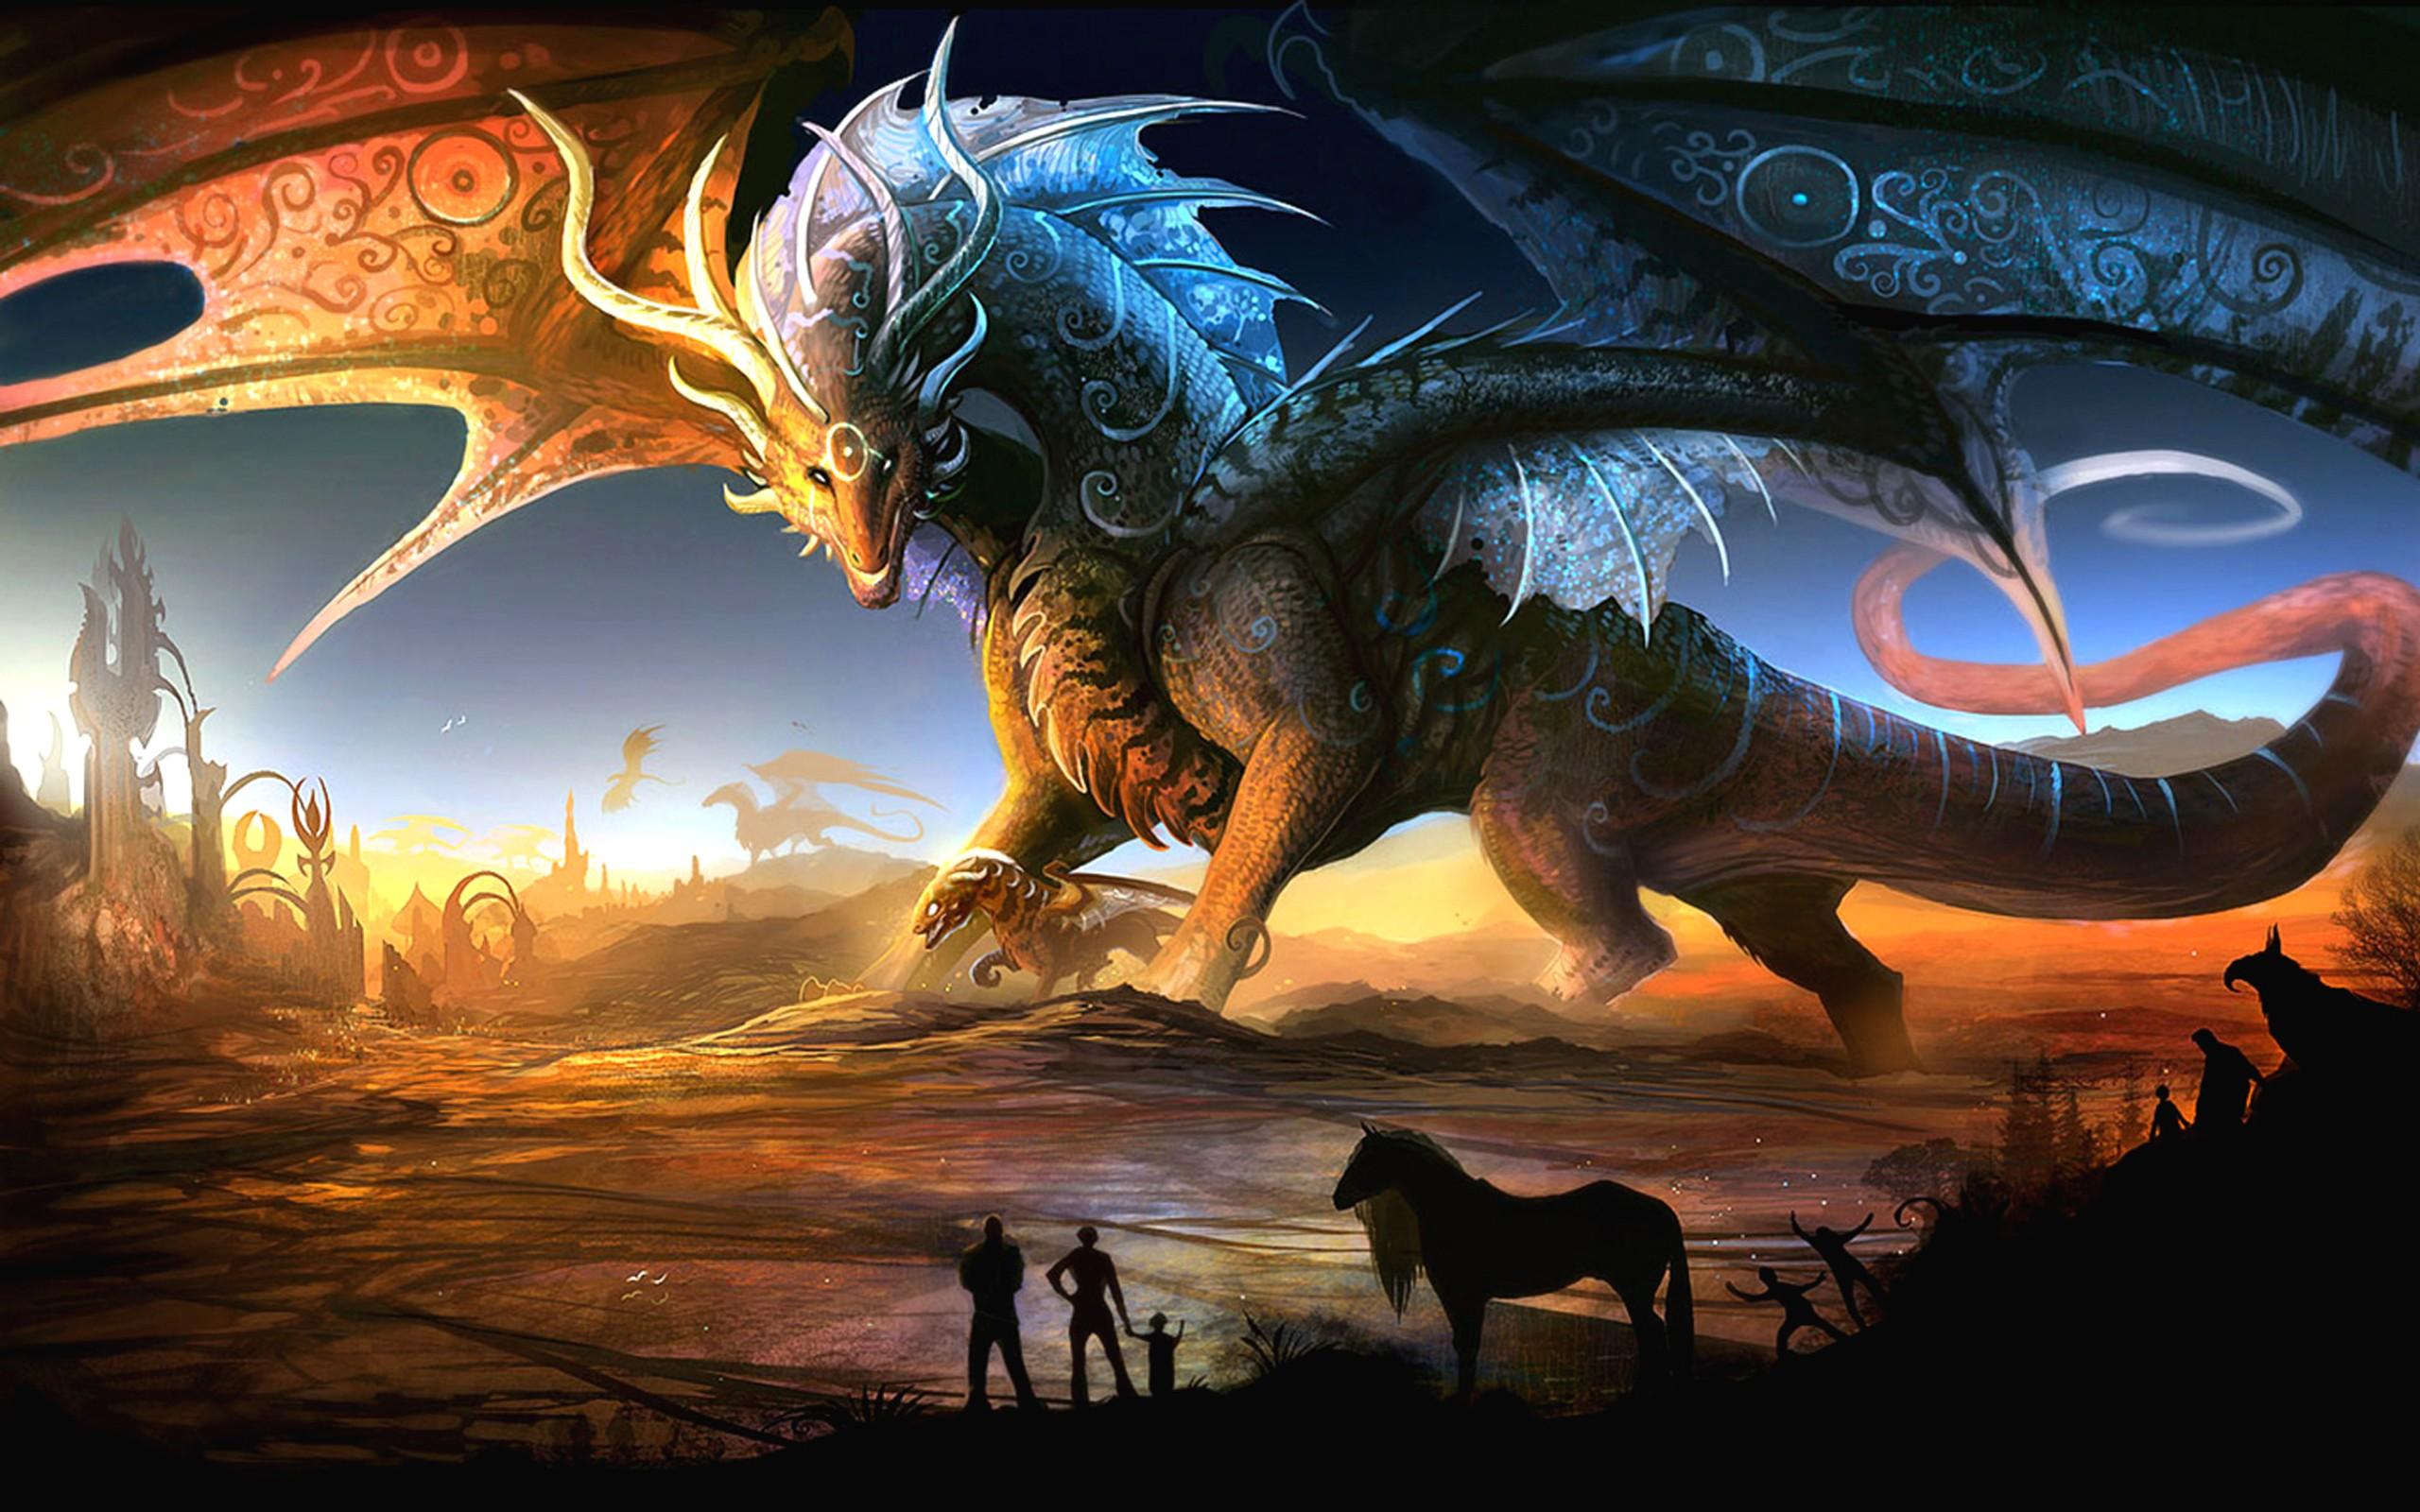 Dragons_Rodrigo_Cordova